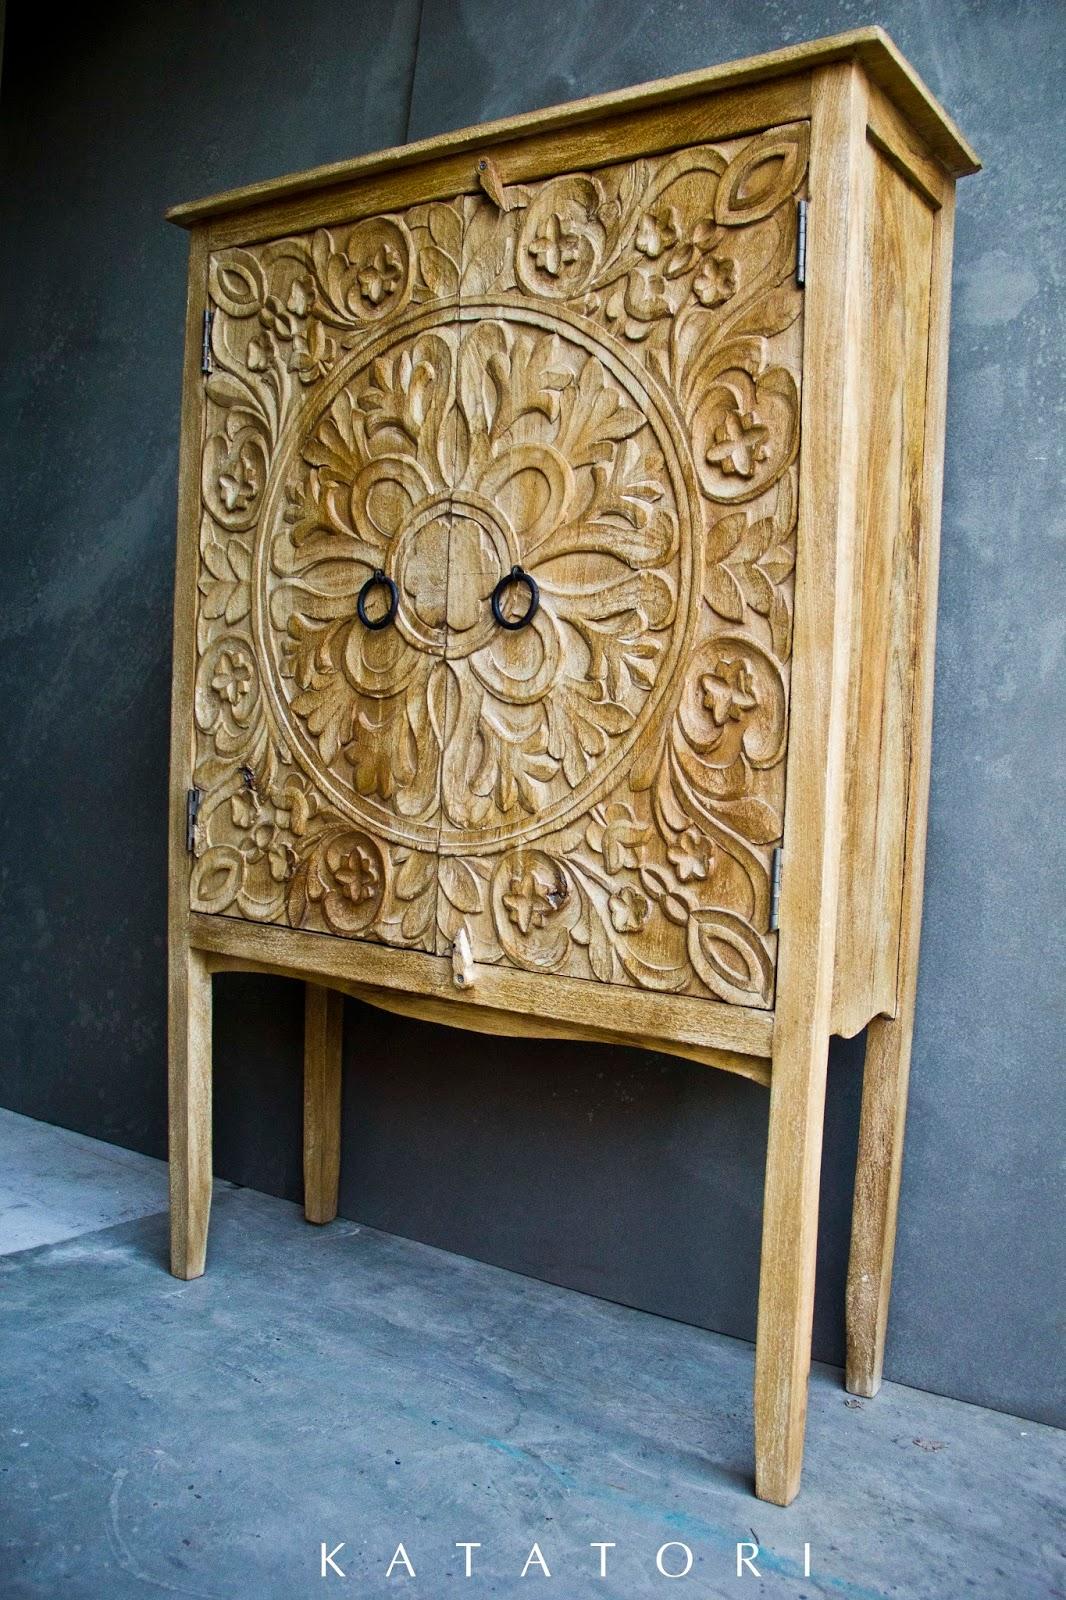 Katatori interiores maderas claras y blancos - Muebles de la india ...